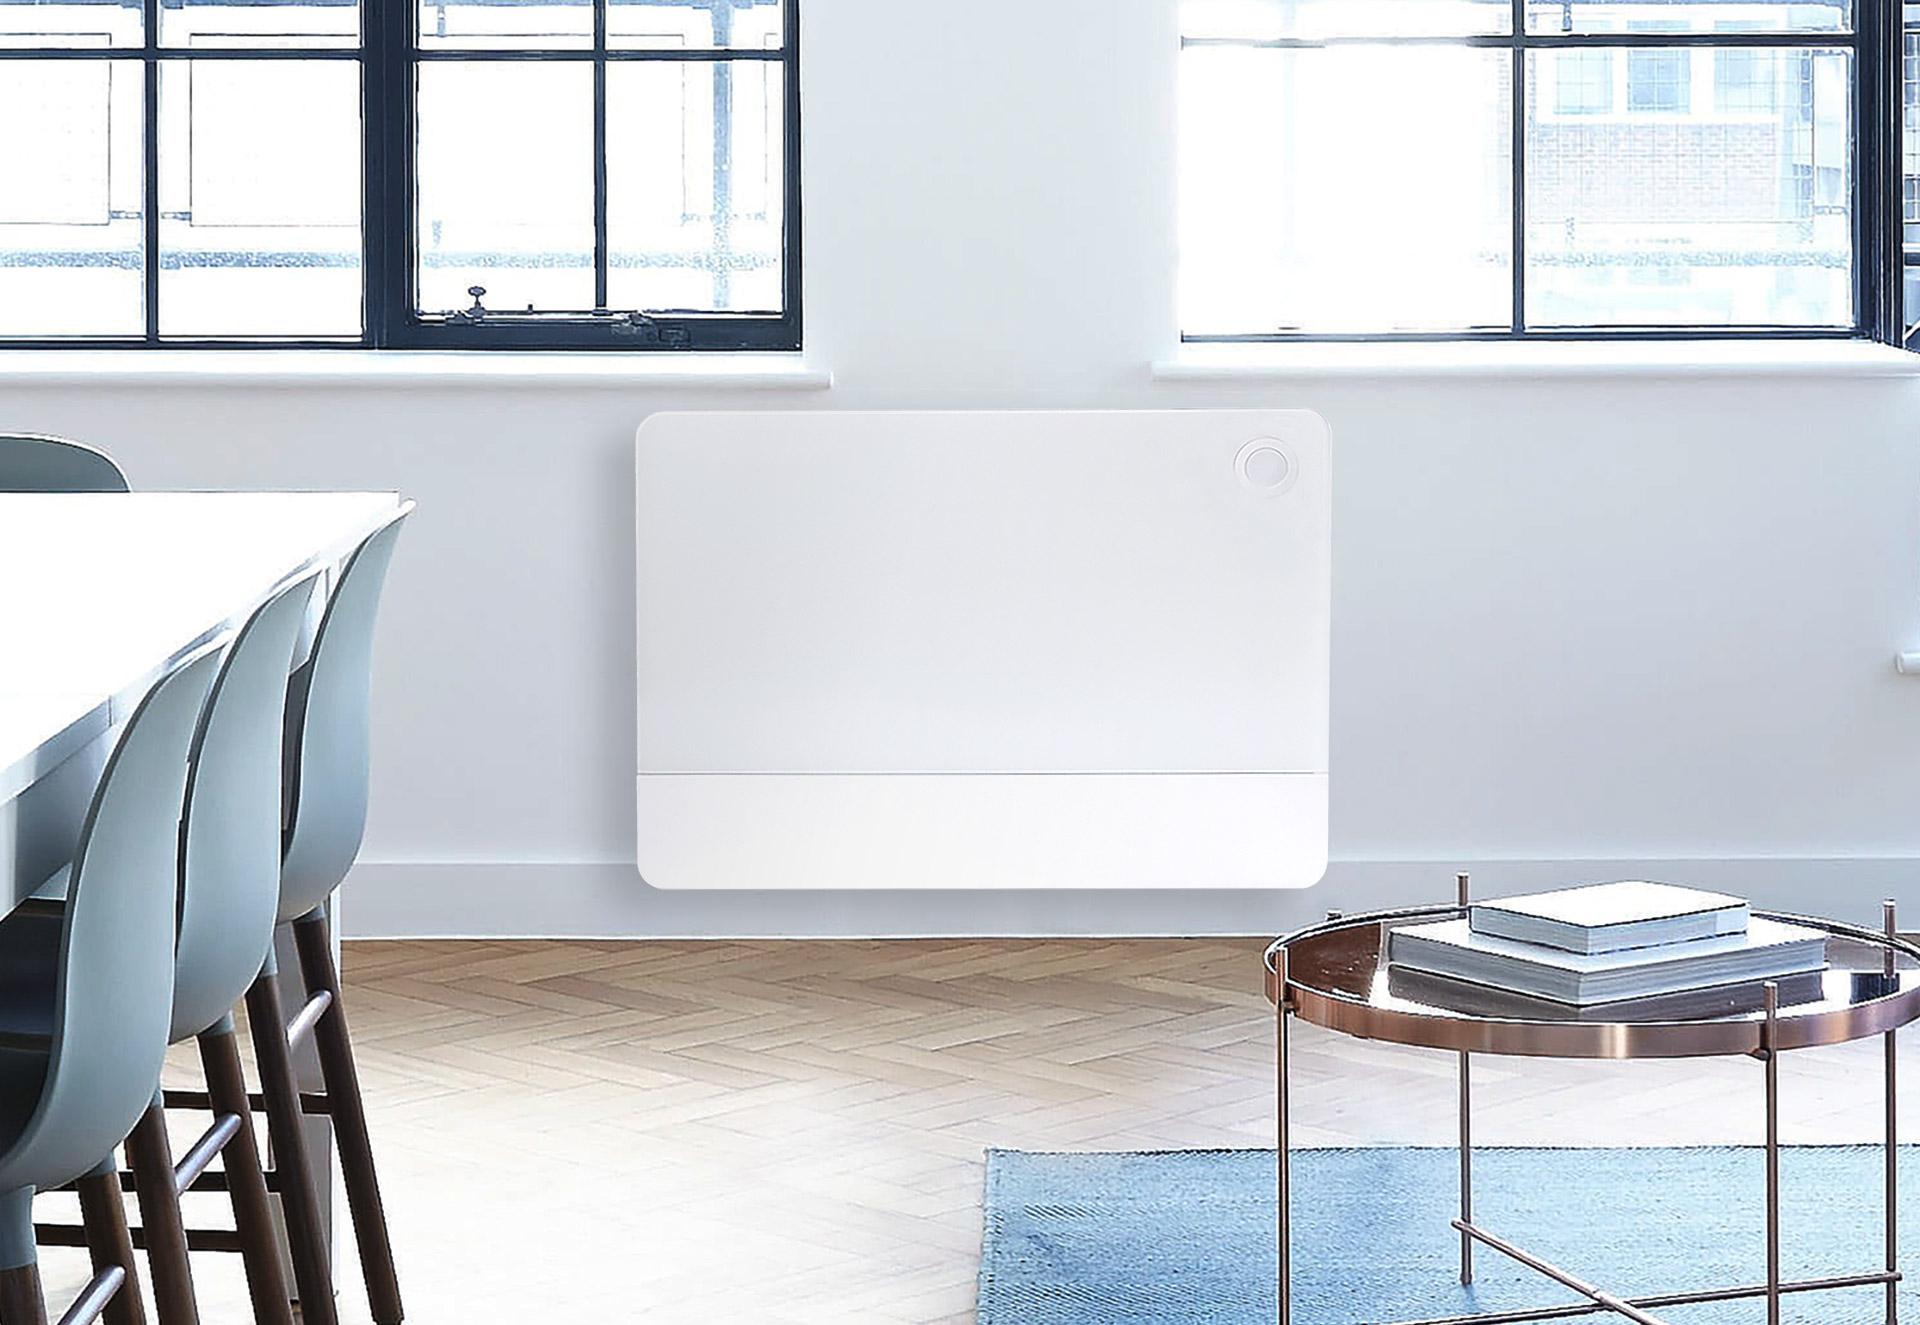 Économies d'énérgies grâce au radiateur électrique